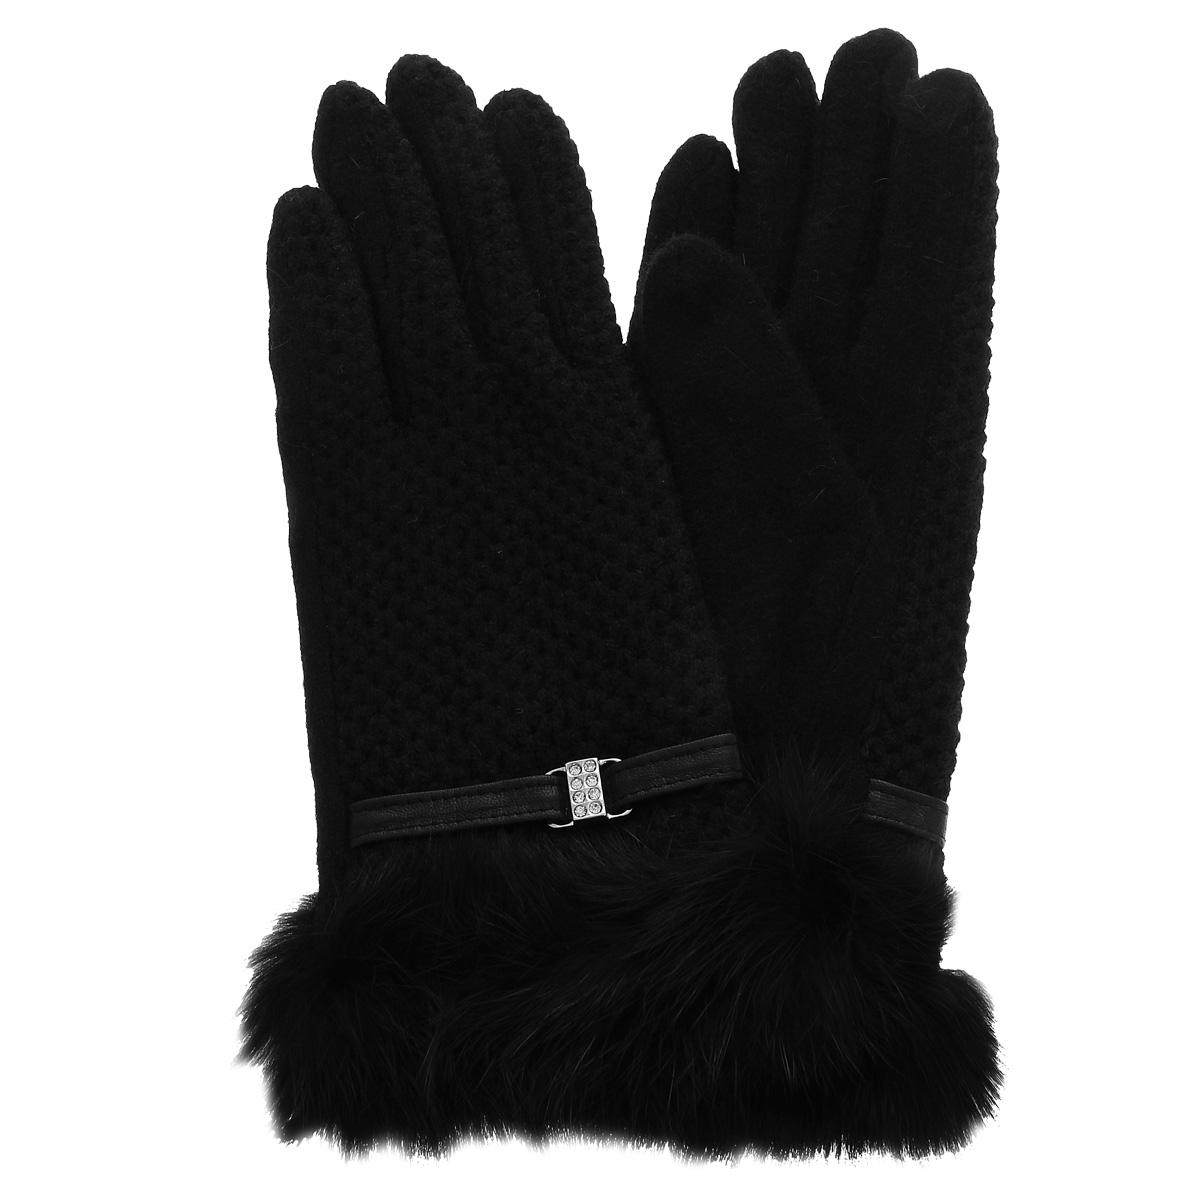 Перчатки женские. LB-PH-38LB-PH-38Стильные женские перчатки Labbra не только защитят ваши руки от холода, но и станут великолепным украшением. Перчатки выполнены из шерсти с добавлением акрила и ангоры. Манжета модели украшена декоративным кожаным ремешком с пряжкой и натуральным мехом кролика. В настоящее время перчатки являются неотъемлемой принадлежностью одежды, вместе с этим аксессуаром вы обретаете женственность и элегантность. Перчатки станут завершающим и подчеркивающим элементом вашего стиля и неповторимости.